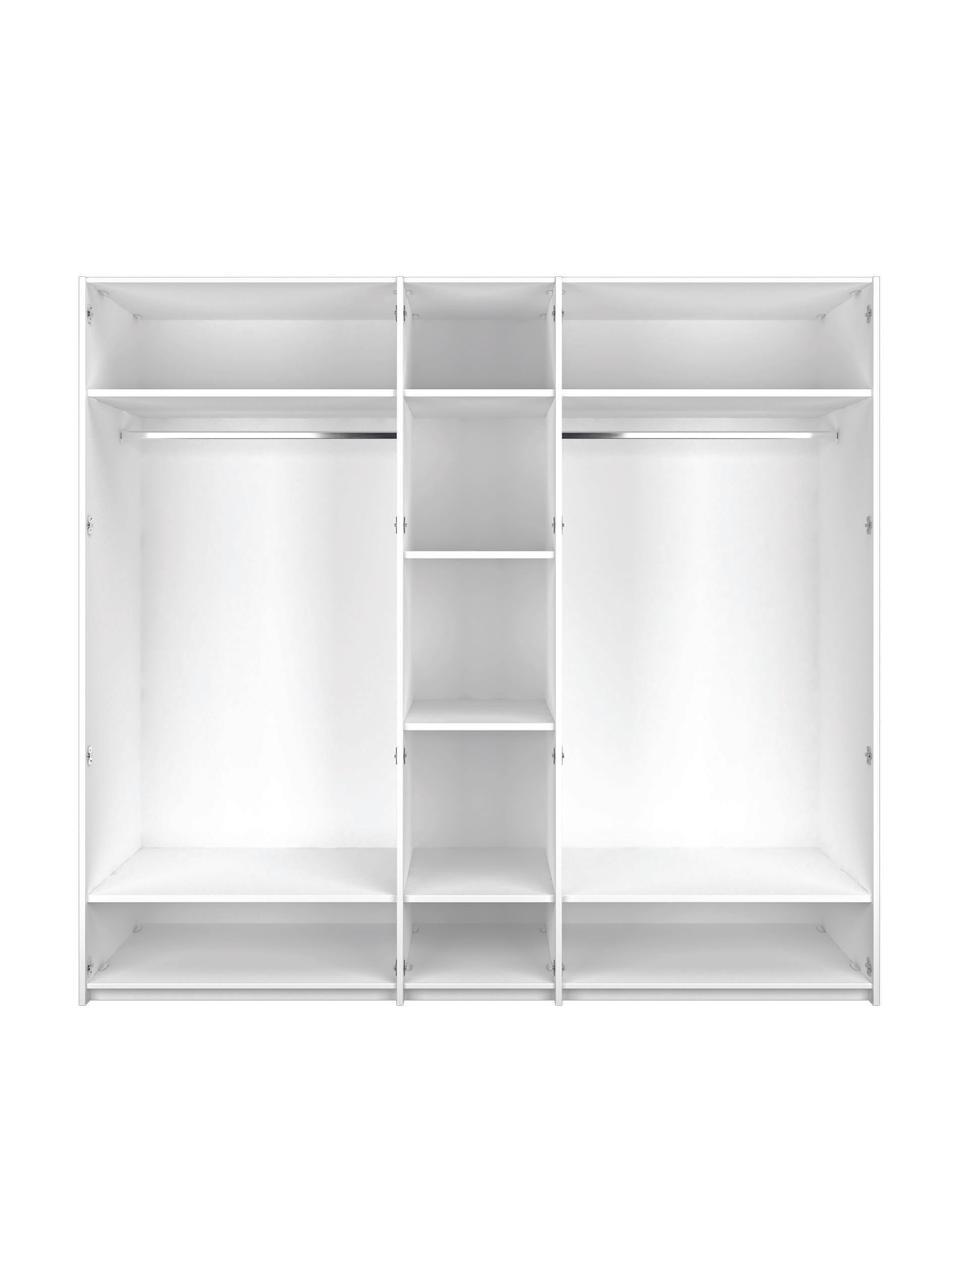 Kleiderschrank Madison mit Spiegeltür in Weiß, Korpus: Holzwerkstoffplatten, lac, Weiß, 252 x 230 cm